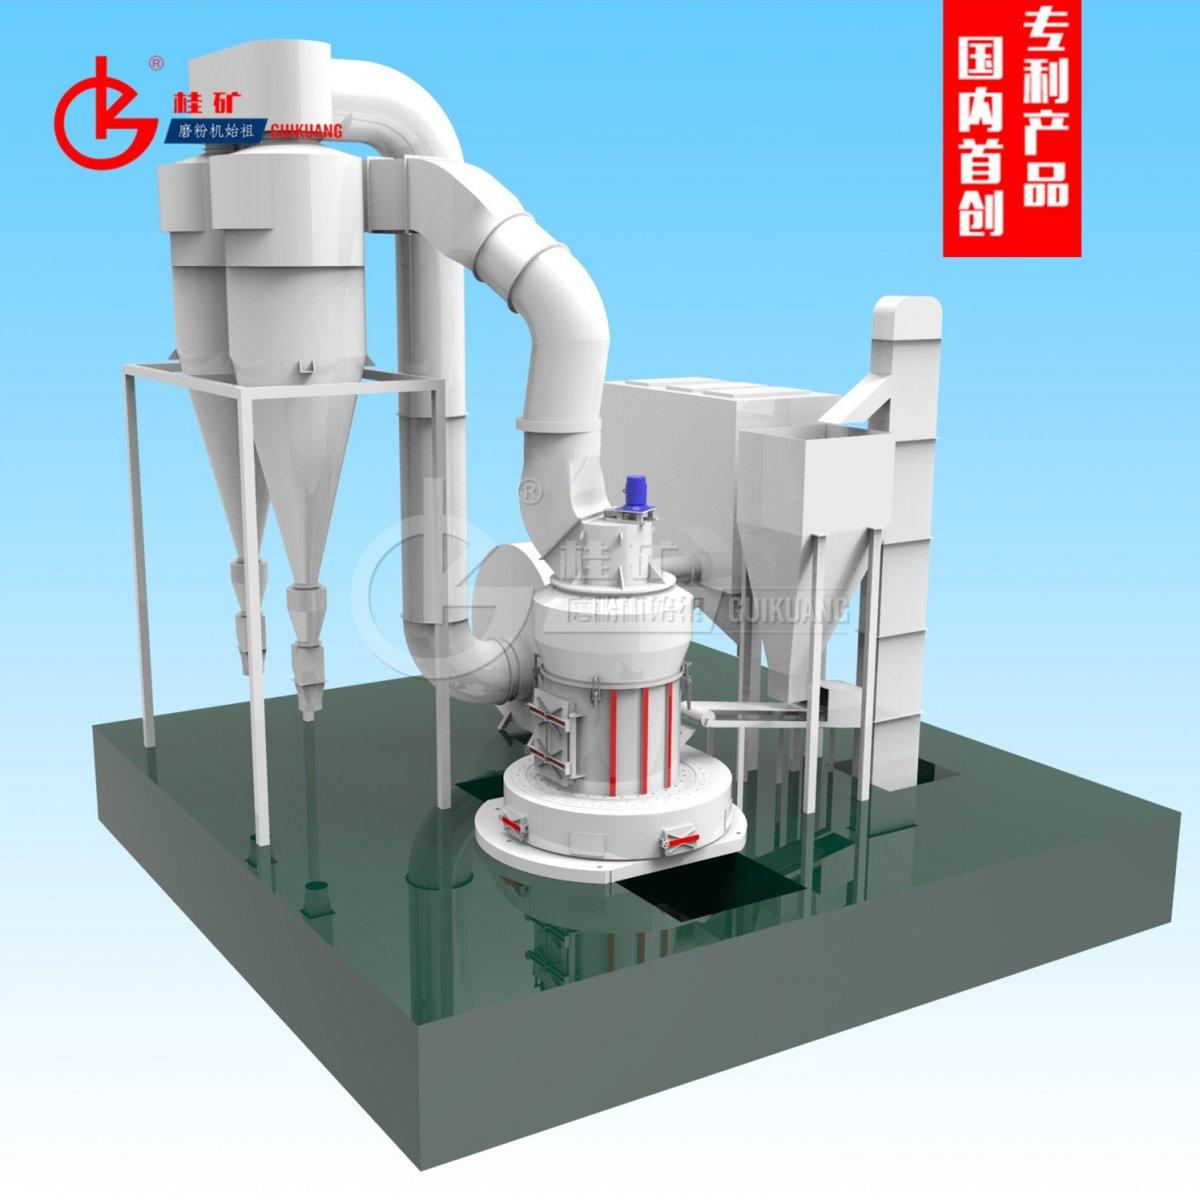 石灰石粉专用新型雷蒙磨粉机的图片